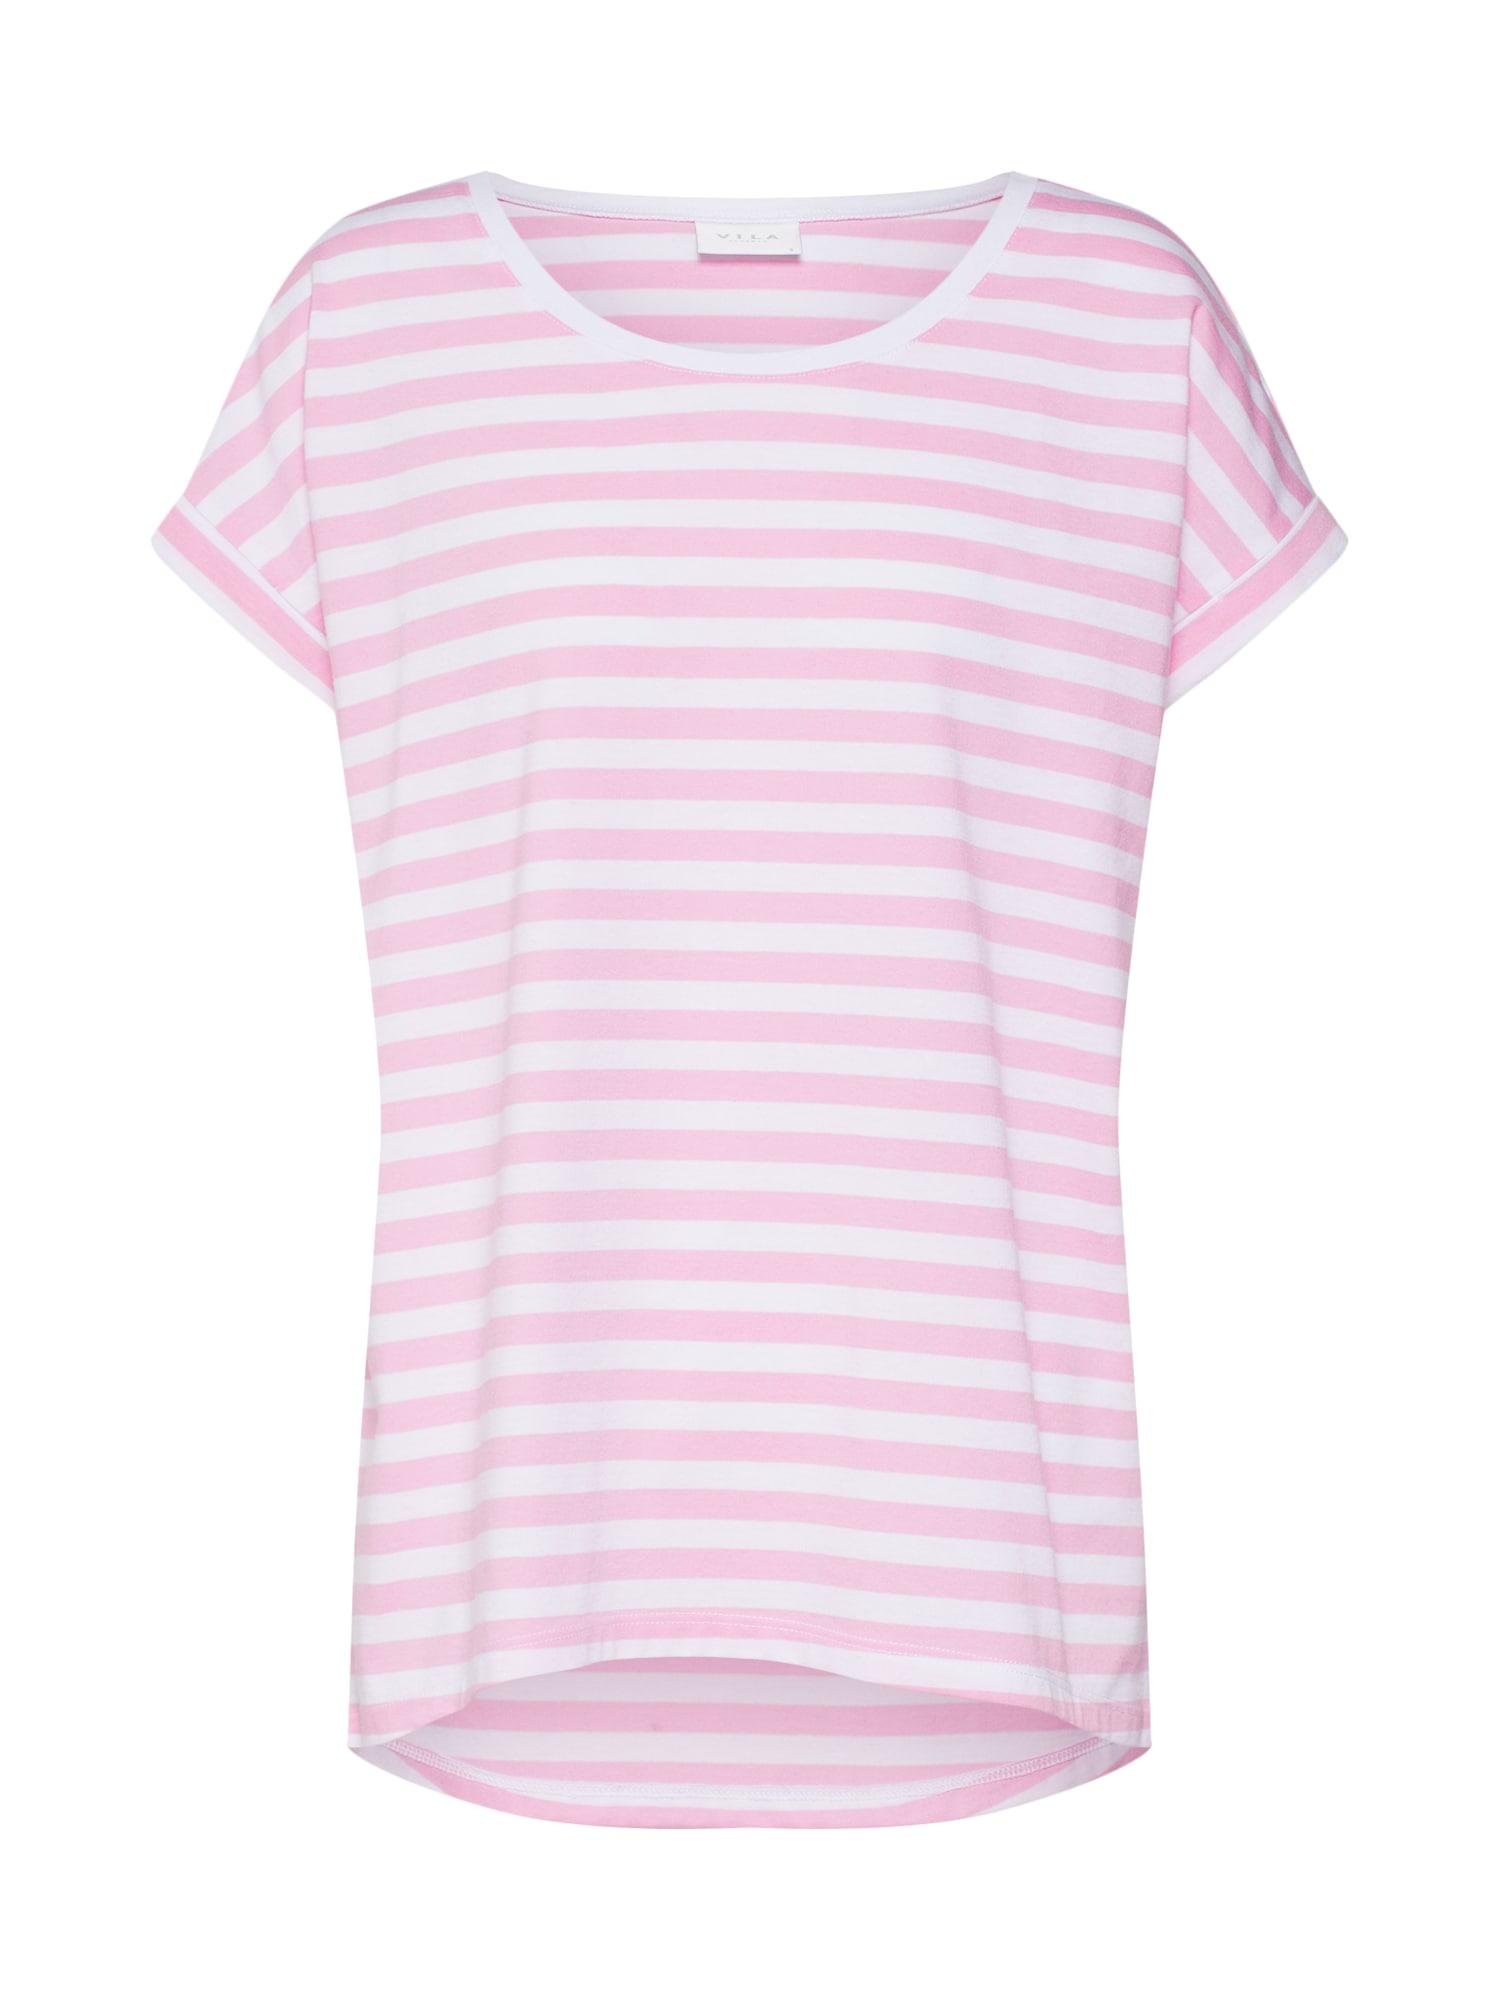 Tričko Dreamers pink bílá VILA